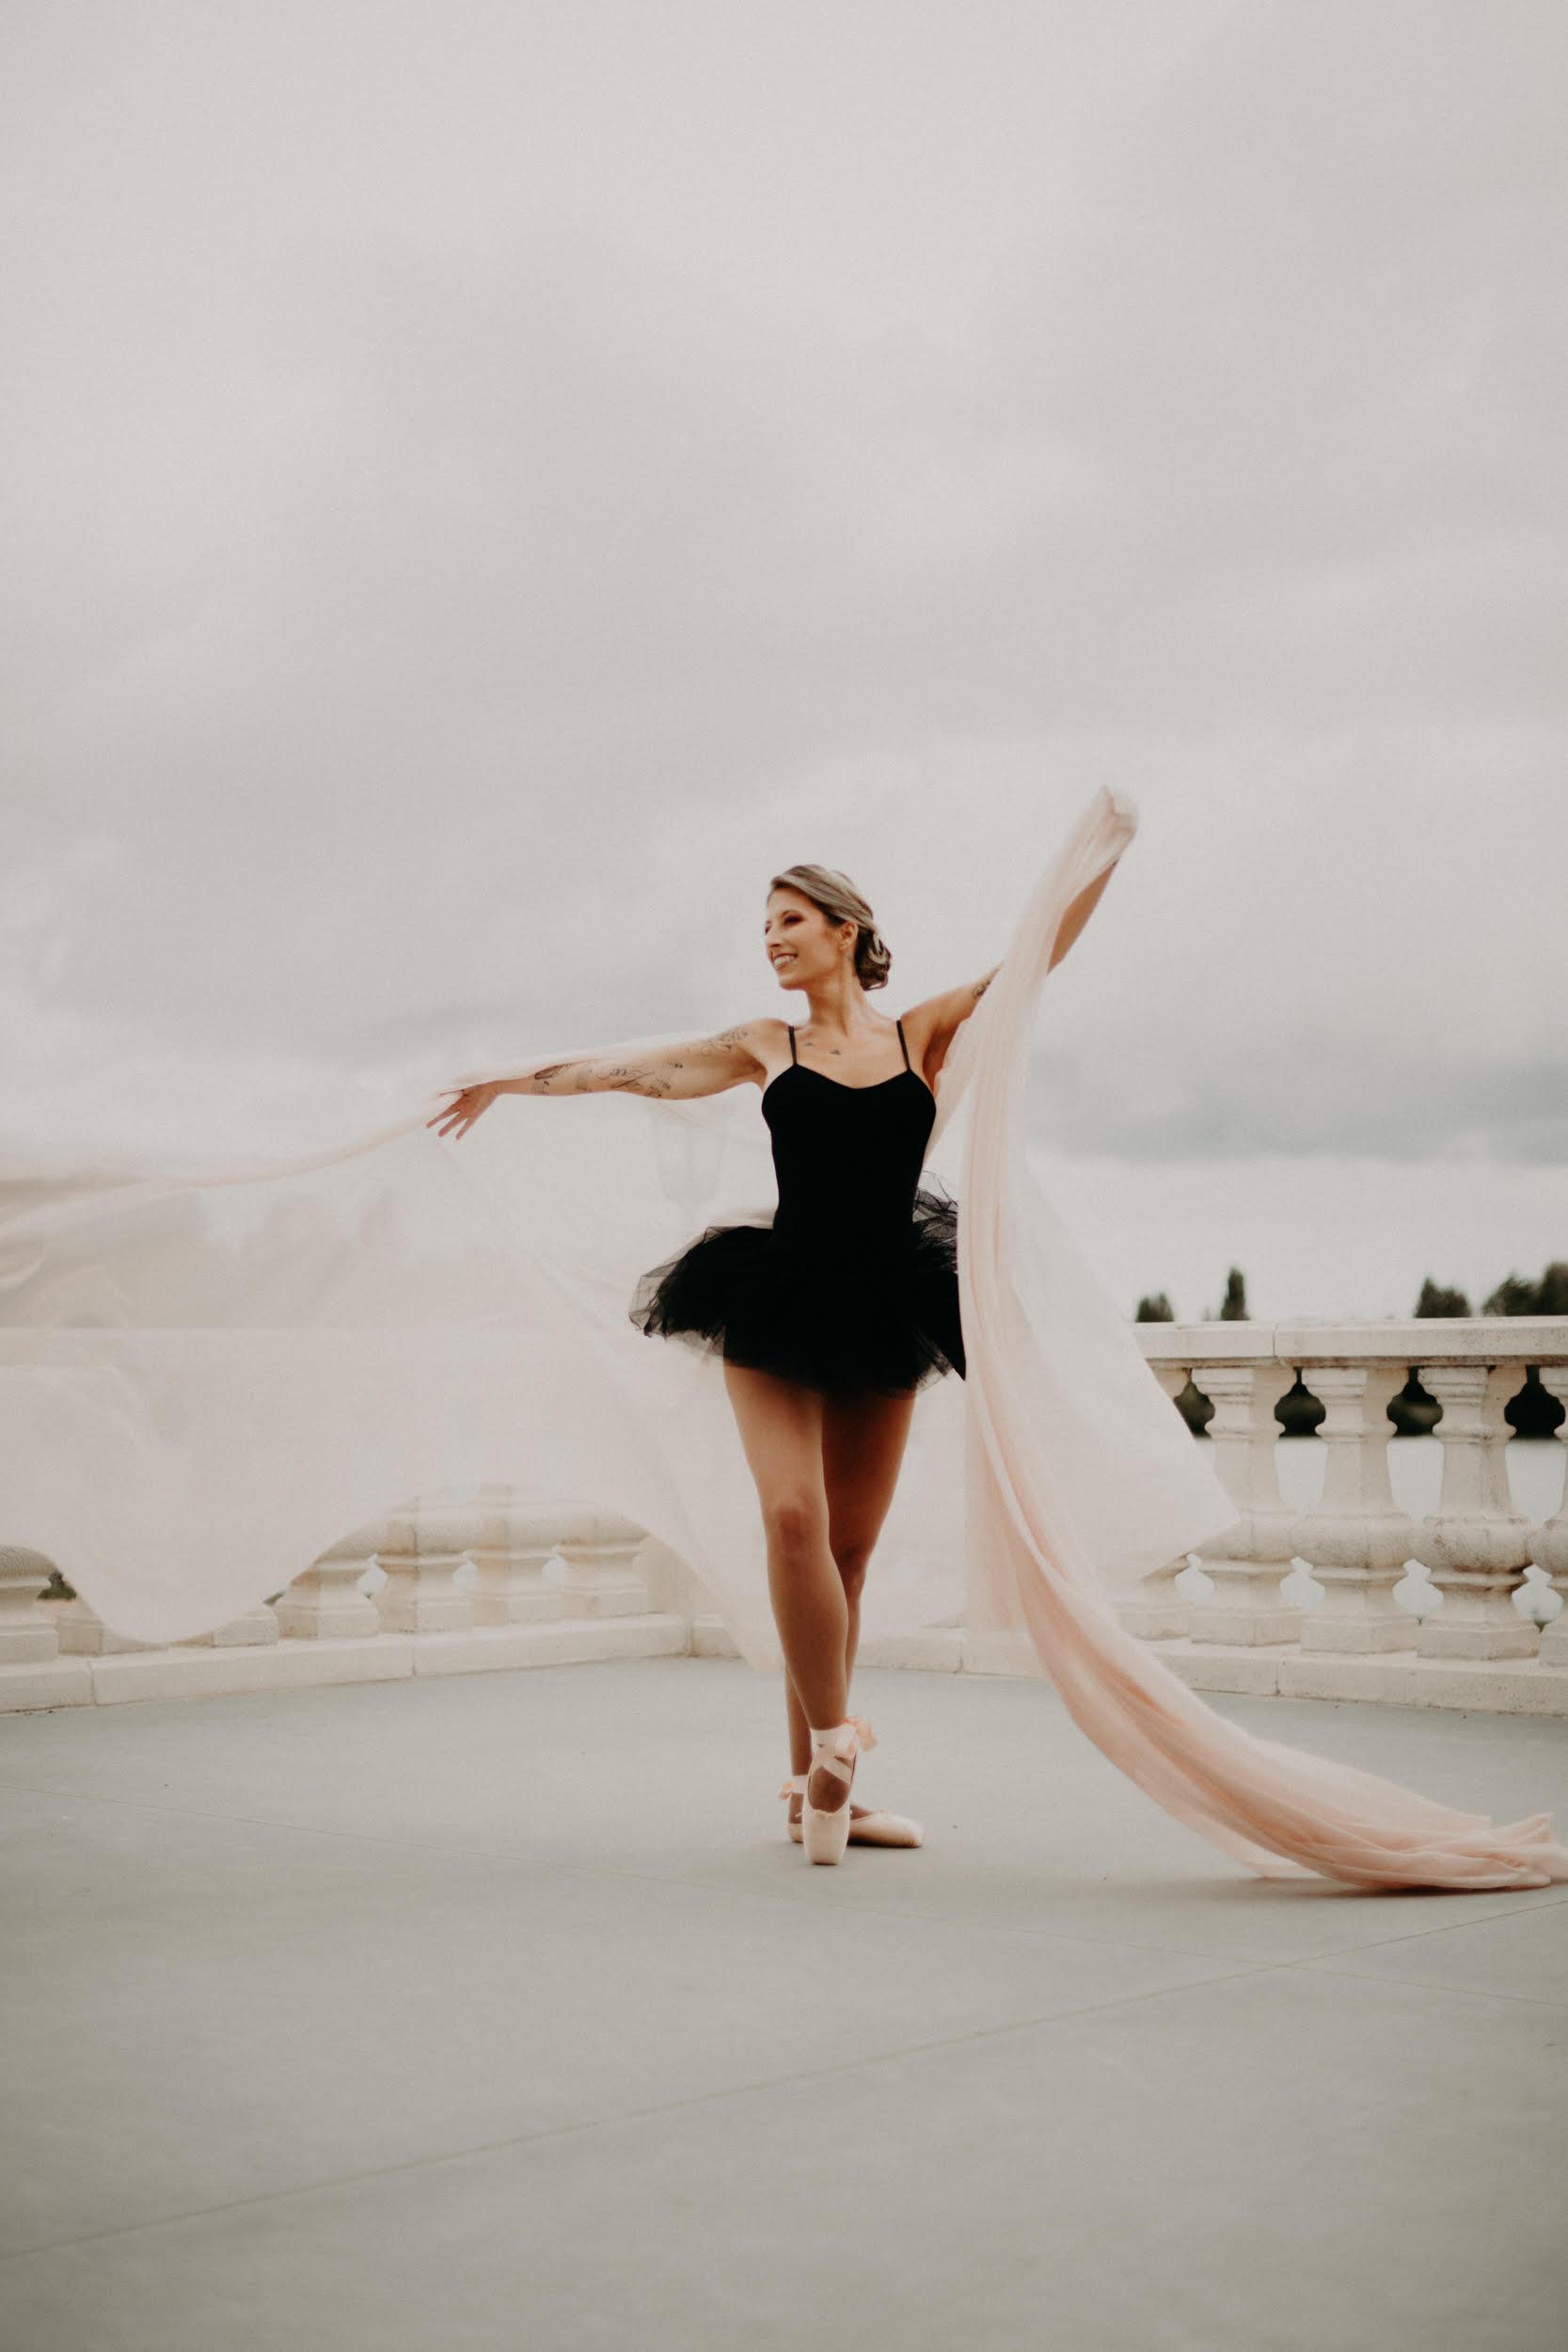 Maquillage mariage danseuse classique crédit photo passionnement toi